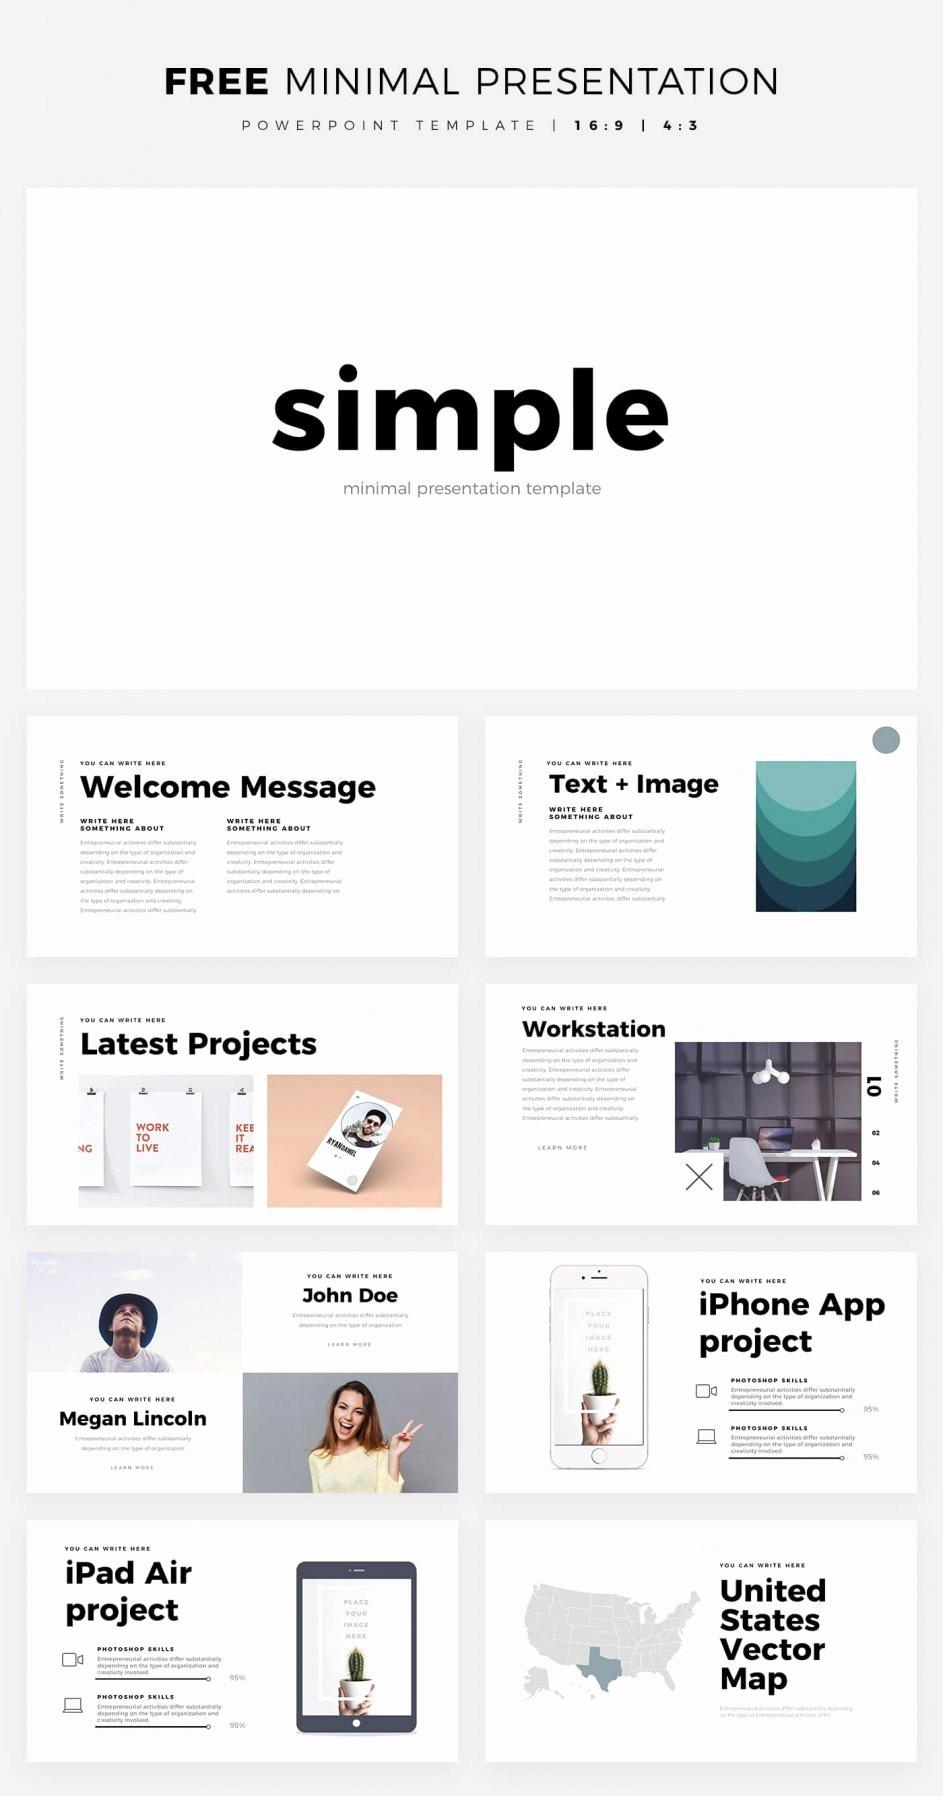 Powerpoint Presentation Slides Free Download Elegant 40 Free Cool Powerpoint Templates for Presentations